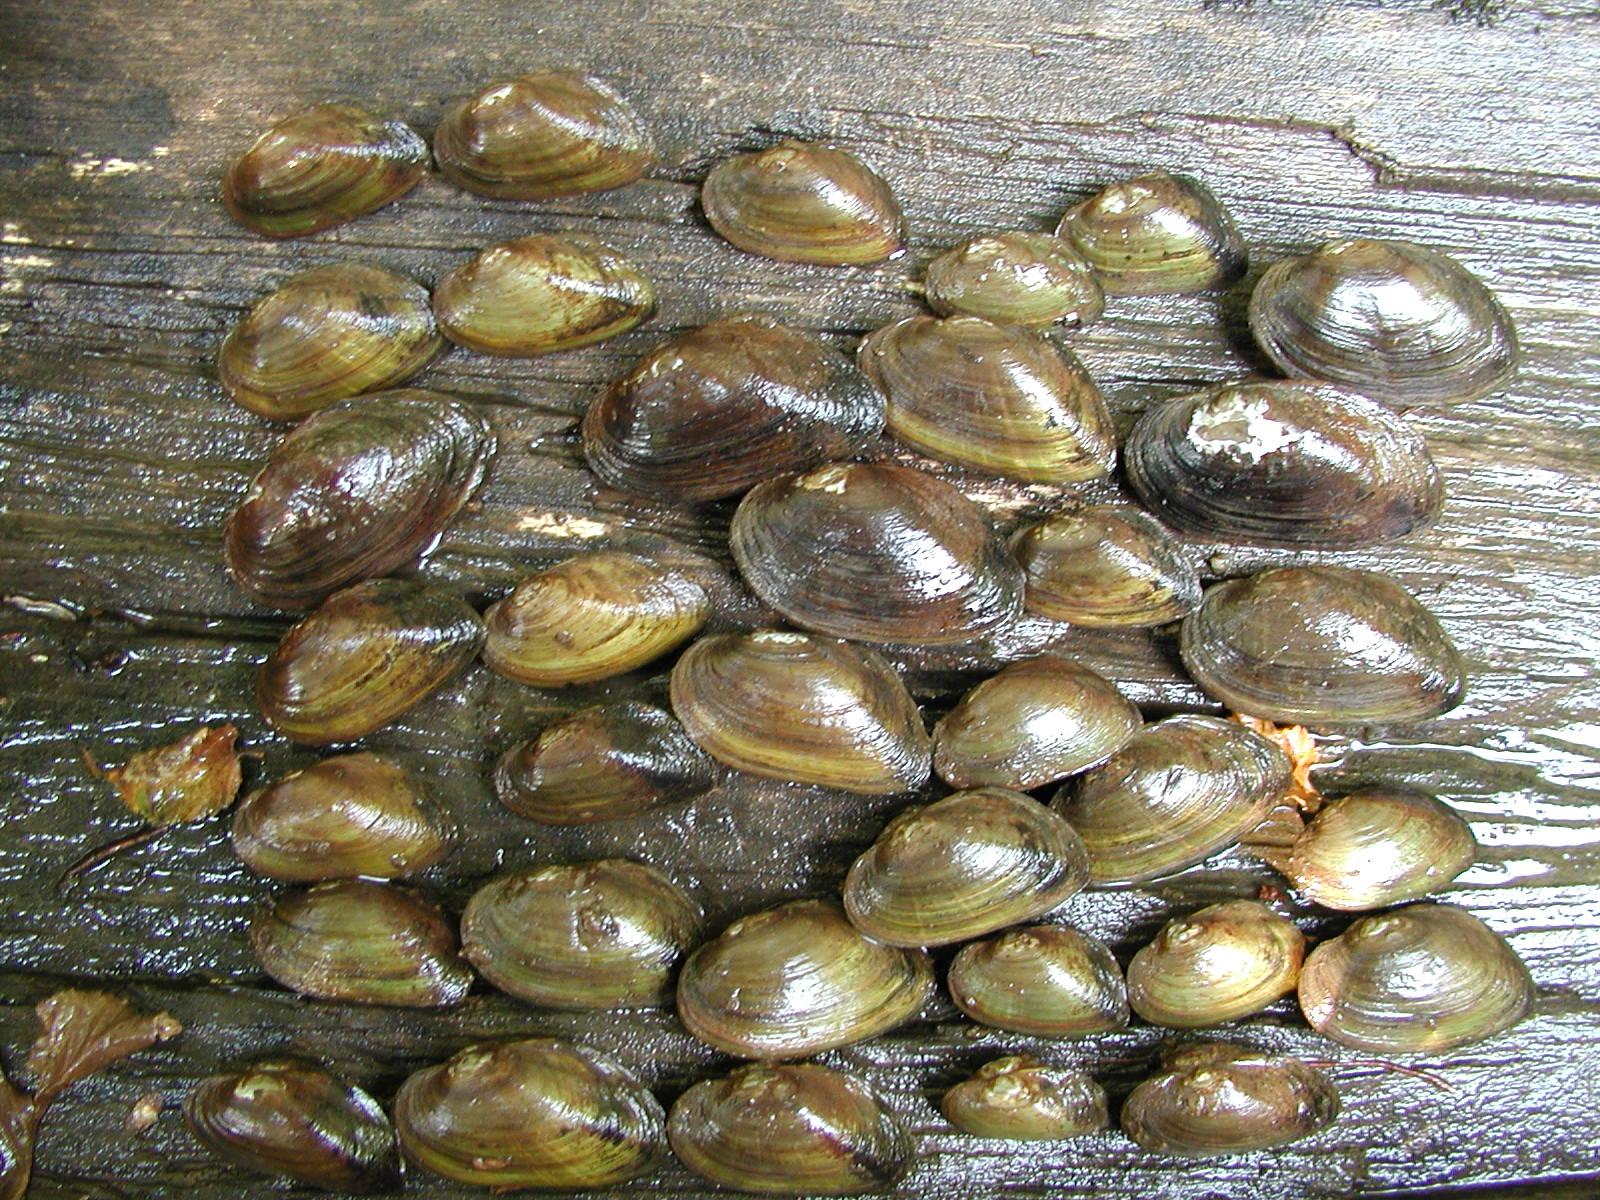 alasmidonta heterodon